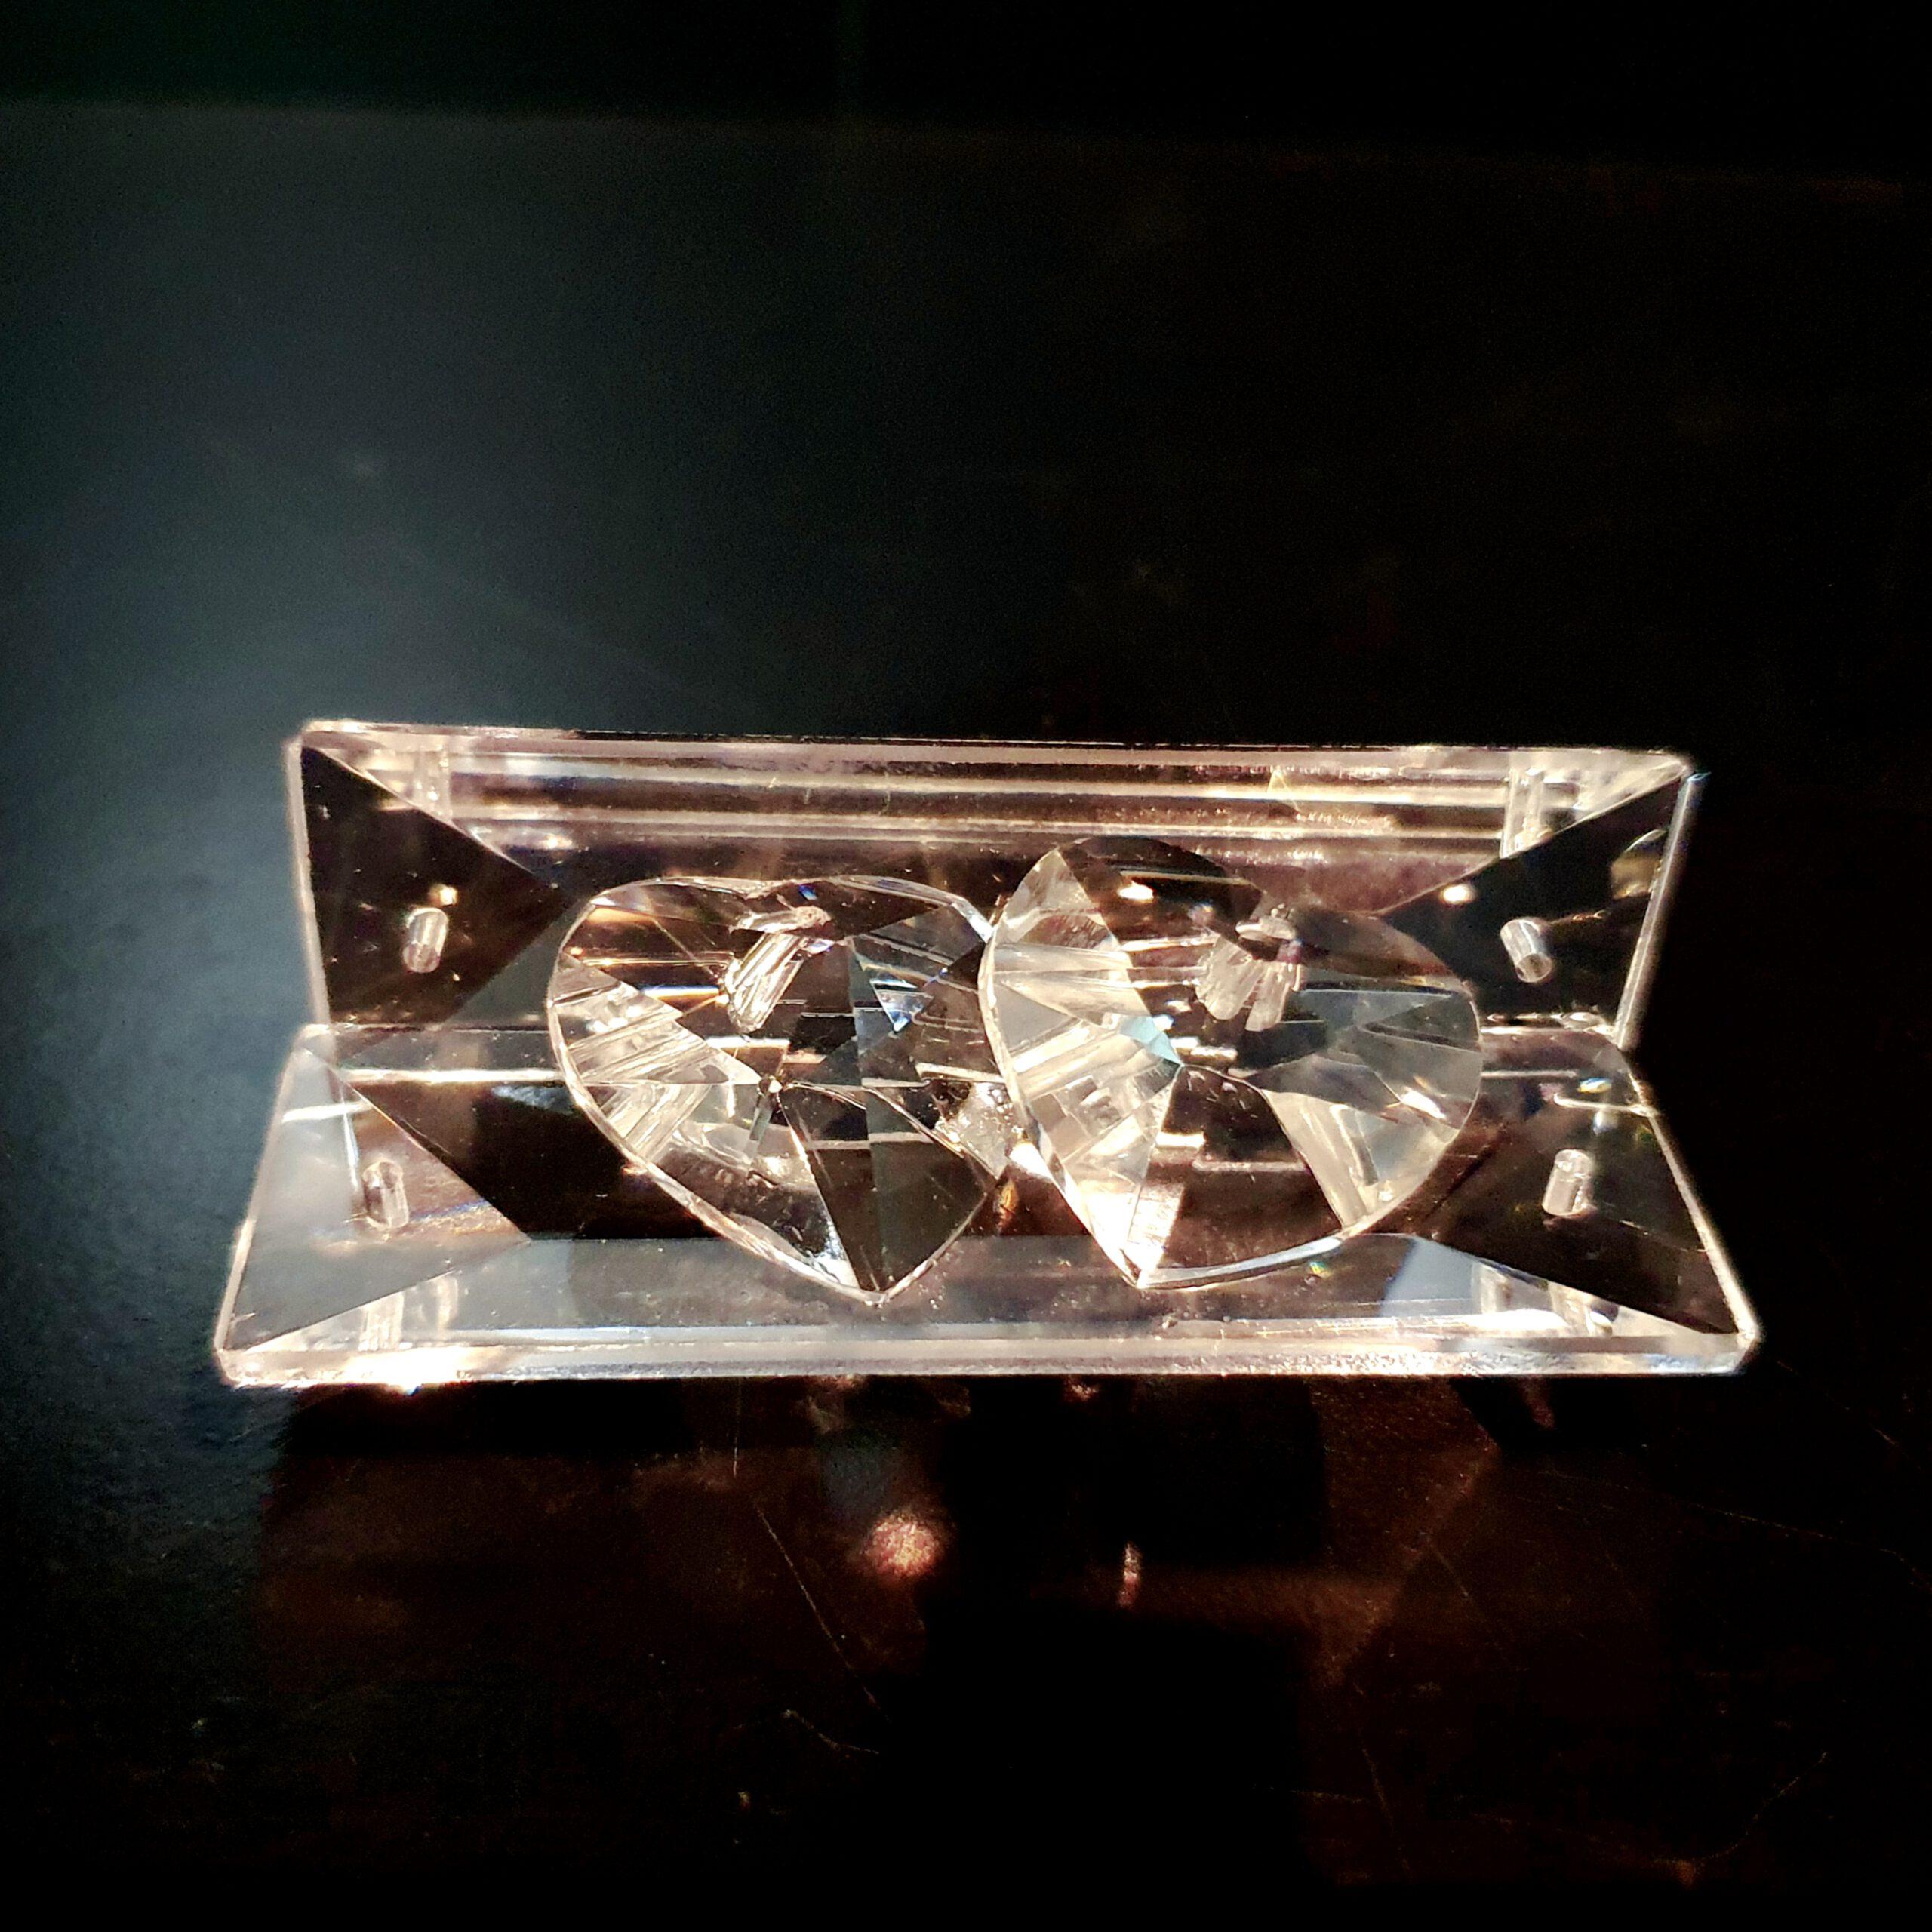 harten-op-een-bankje-van -geslepen-kristal